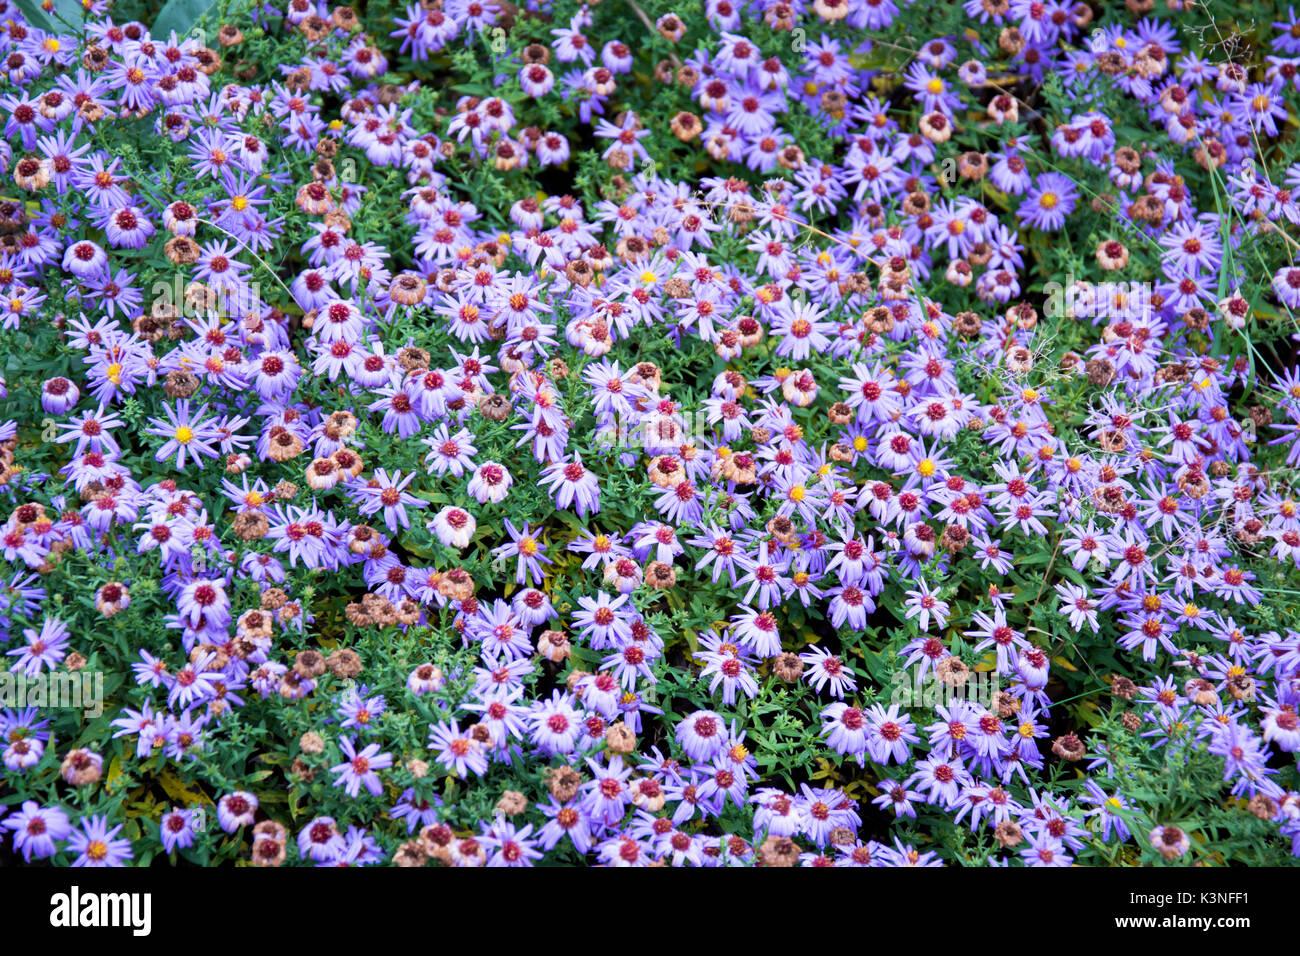 Purple flower field - Stock Image